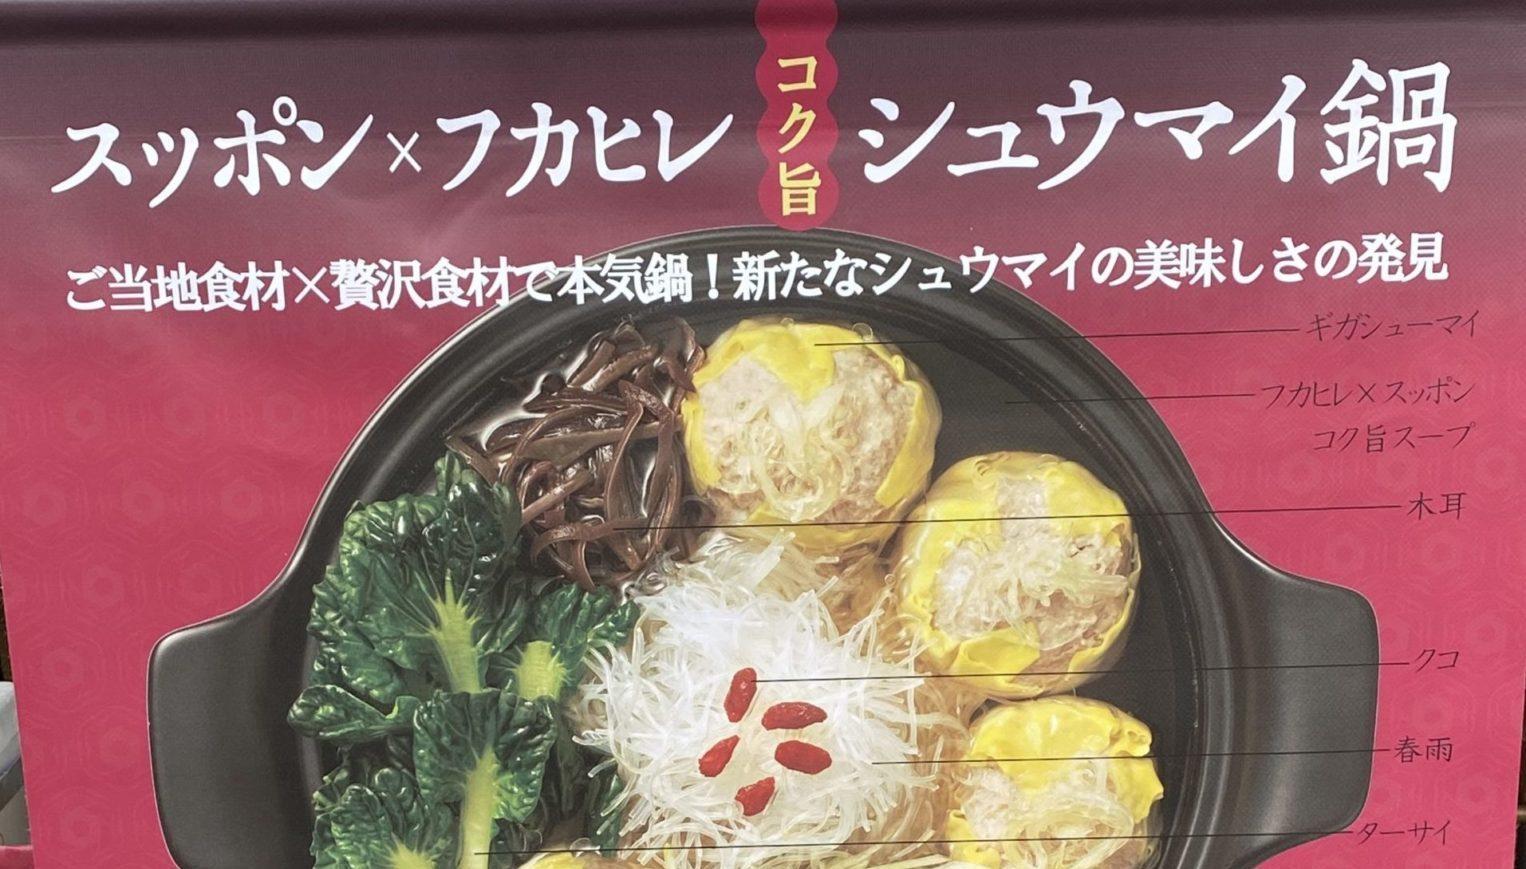 ニッポン全国鍋グランプリにて、キリンビール特別賞を受賞いたしました!